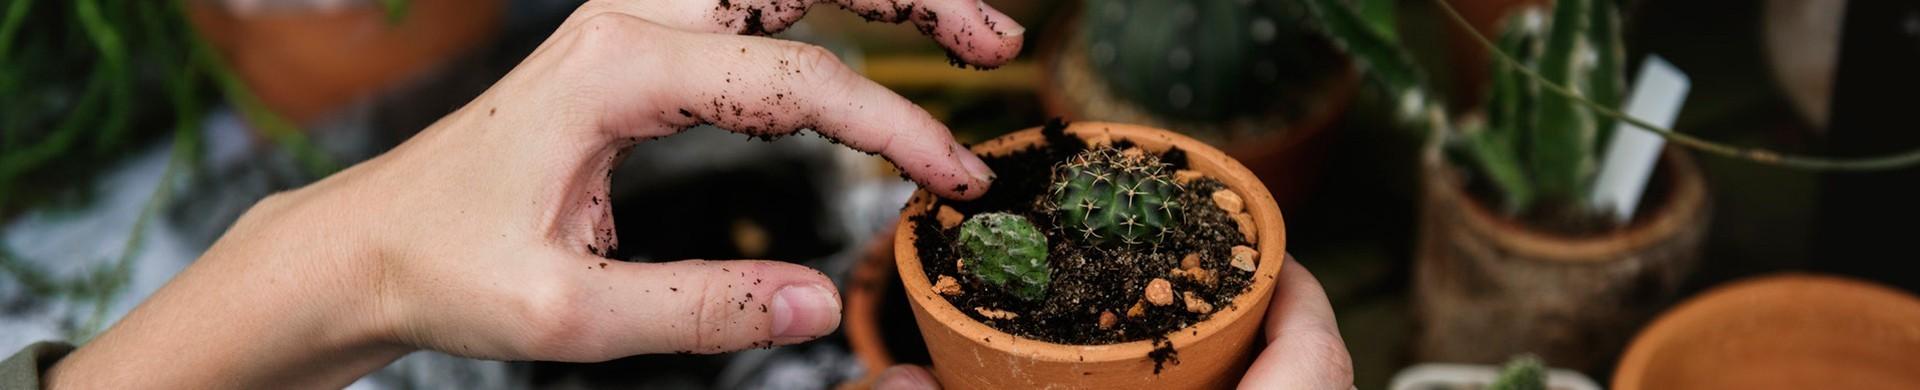 Comprar abonos y fertilizantes - Fertilizantes y abonos